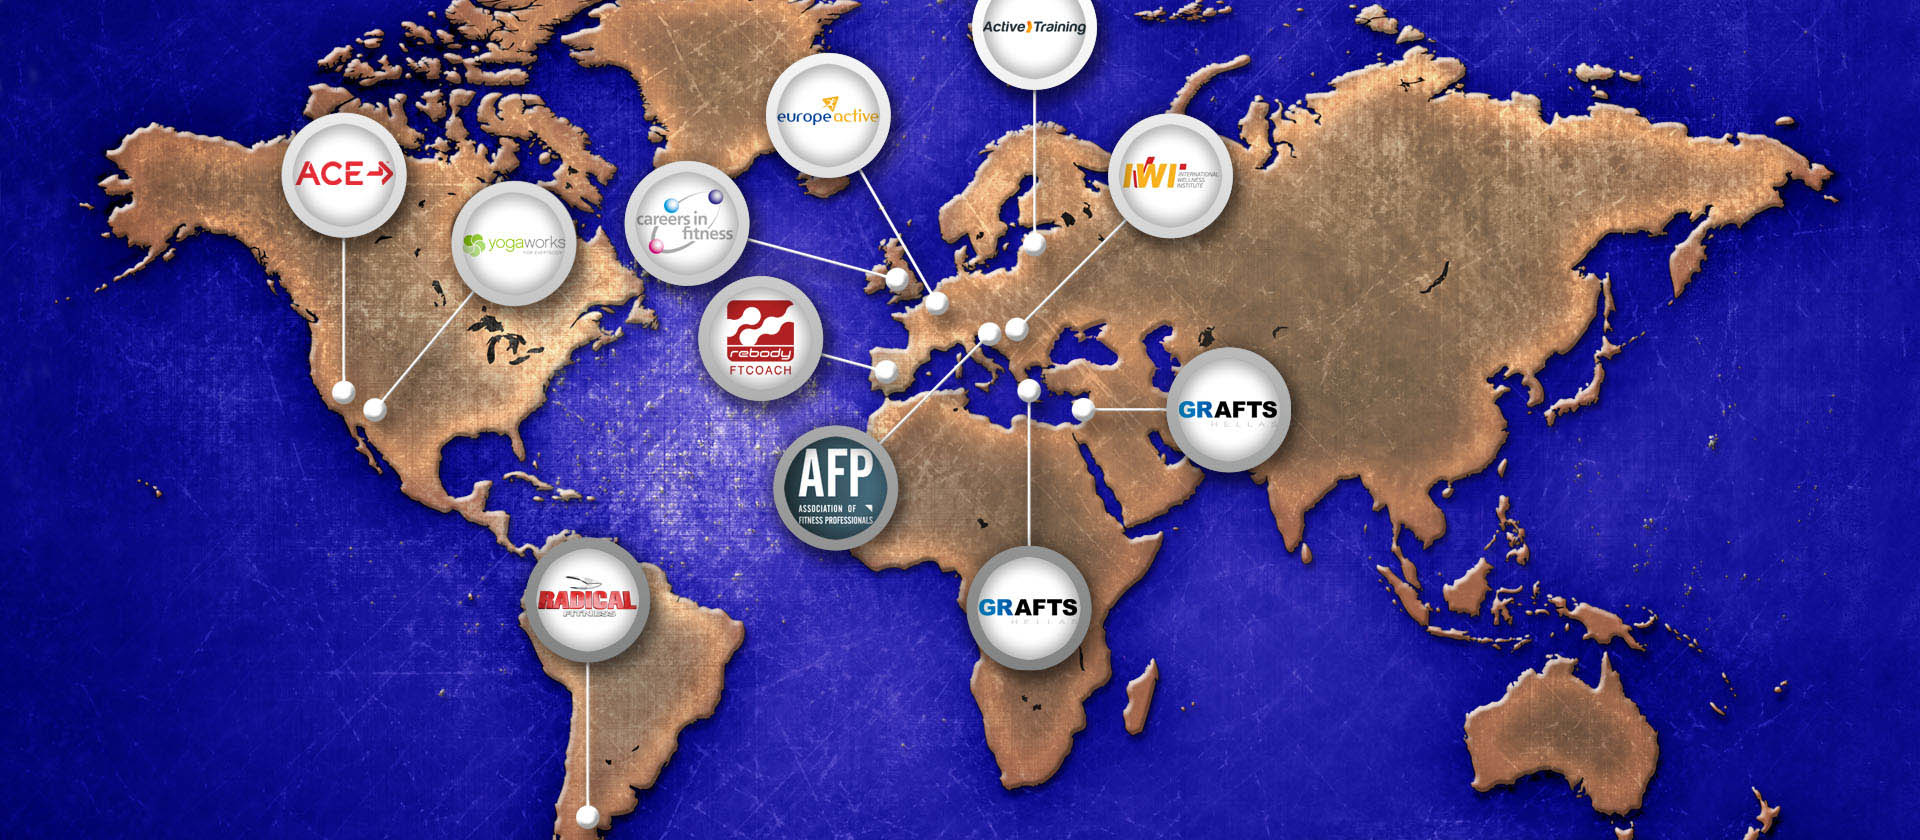 Διεθνείς Εκπαιδευτικές Συνεργασίες της GRAFTS Hellas